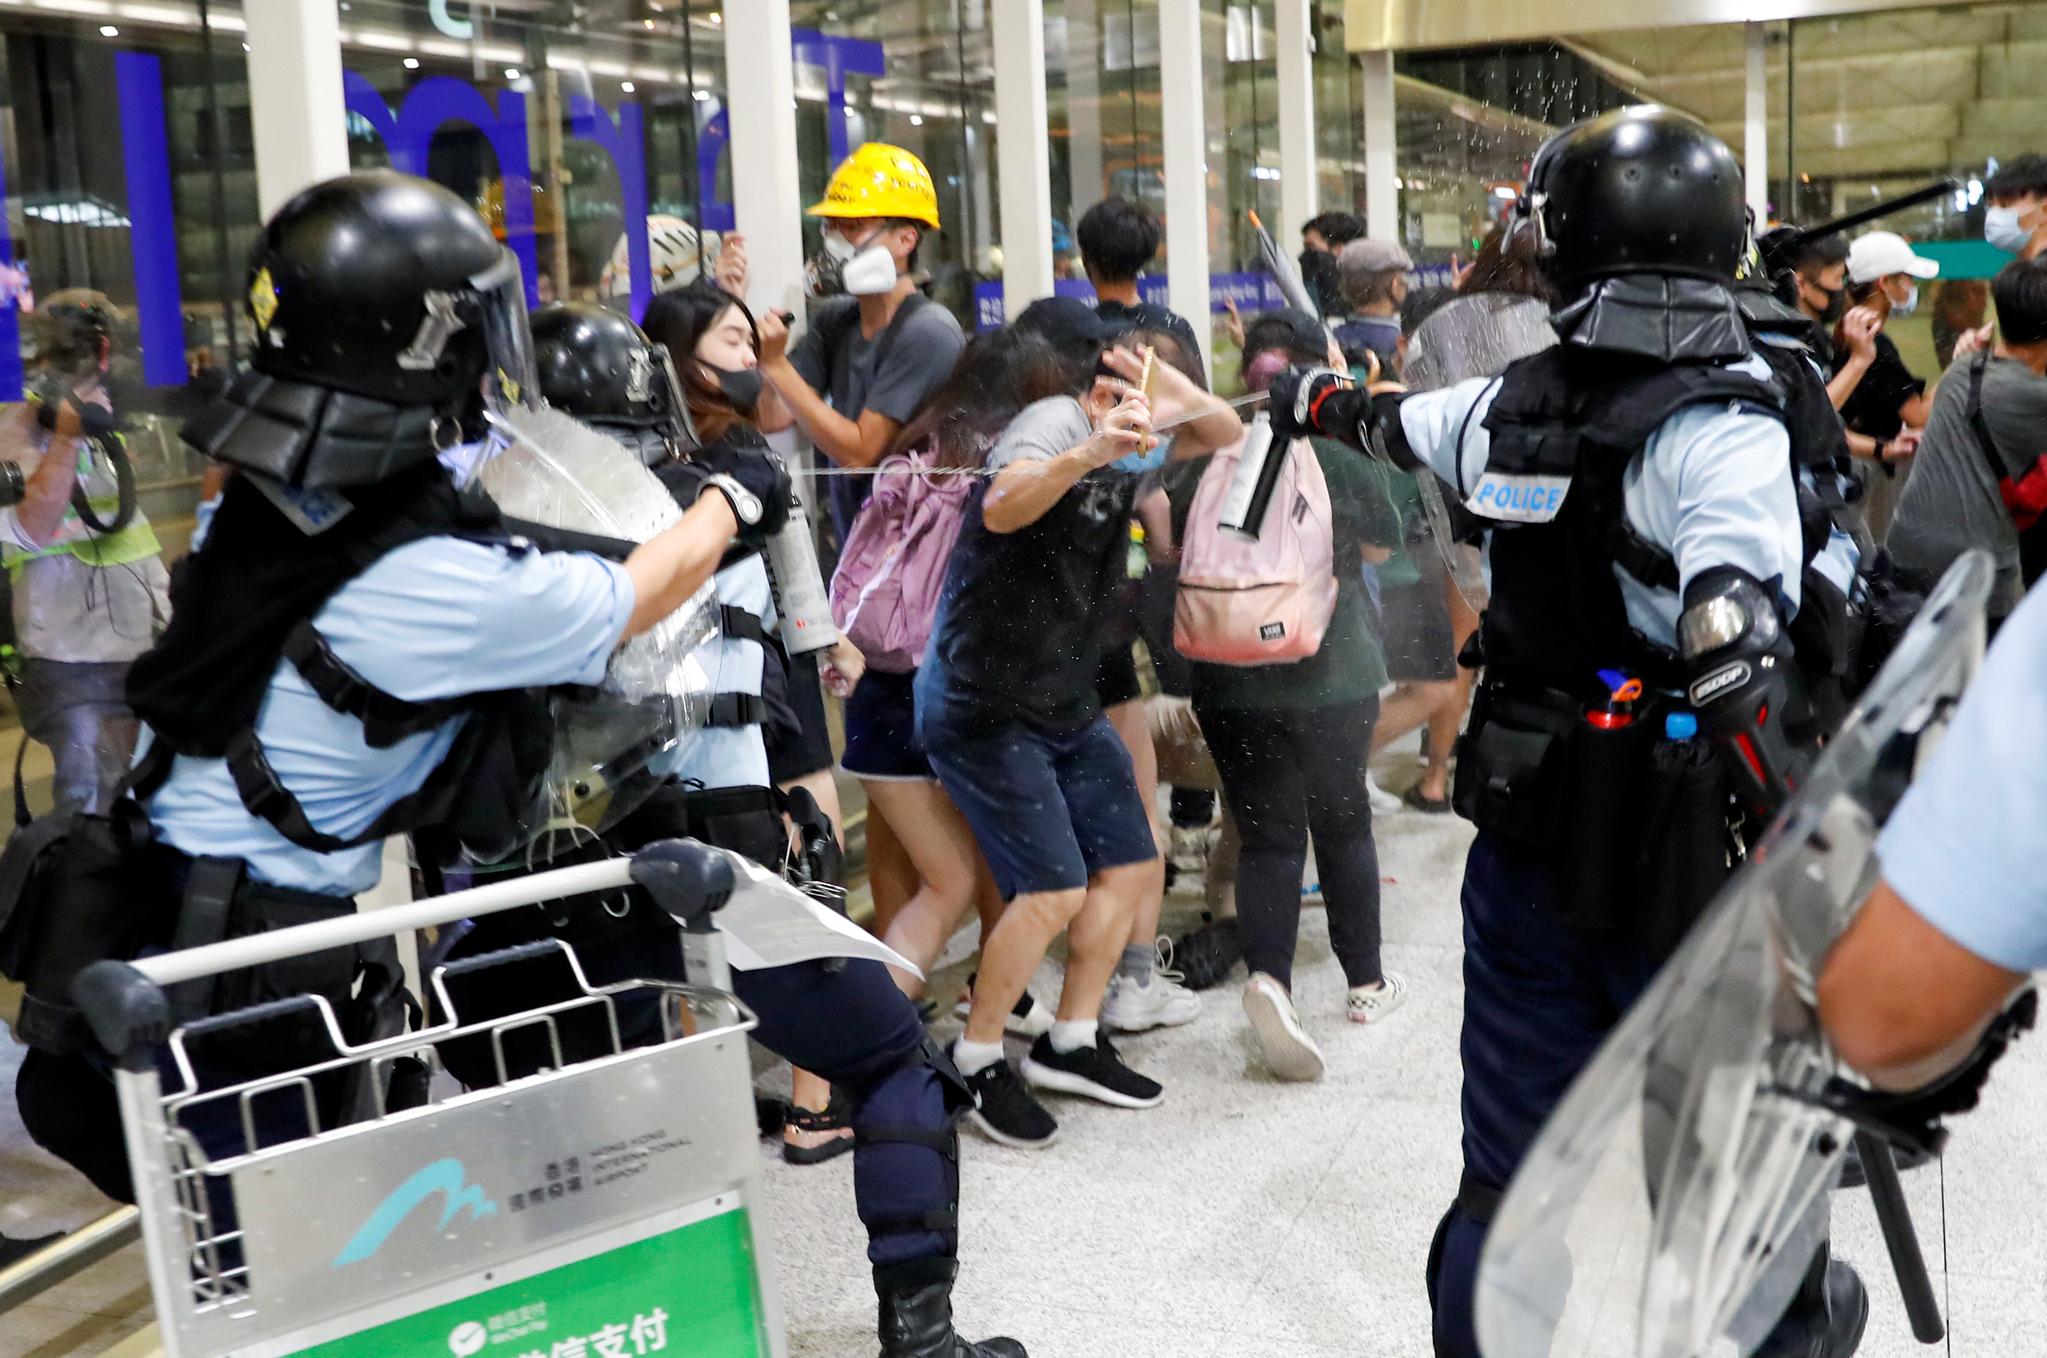 13일 반정부 시위대가 점거해 업무가 마비된 홍콩 국제공항에서 경찰이 시위대와 충돌하고 있다. 지난 11일 여성 시위 참가자가 경찰의 고무탄에 맞아 실명한 데 대해 시위대는 이틀째 공항을 밤샘점거했다.[로이터=연합뉴스]